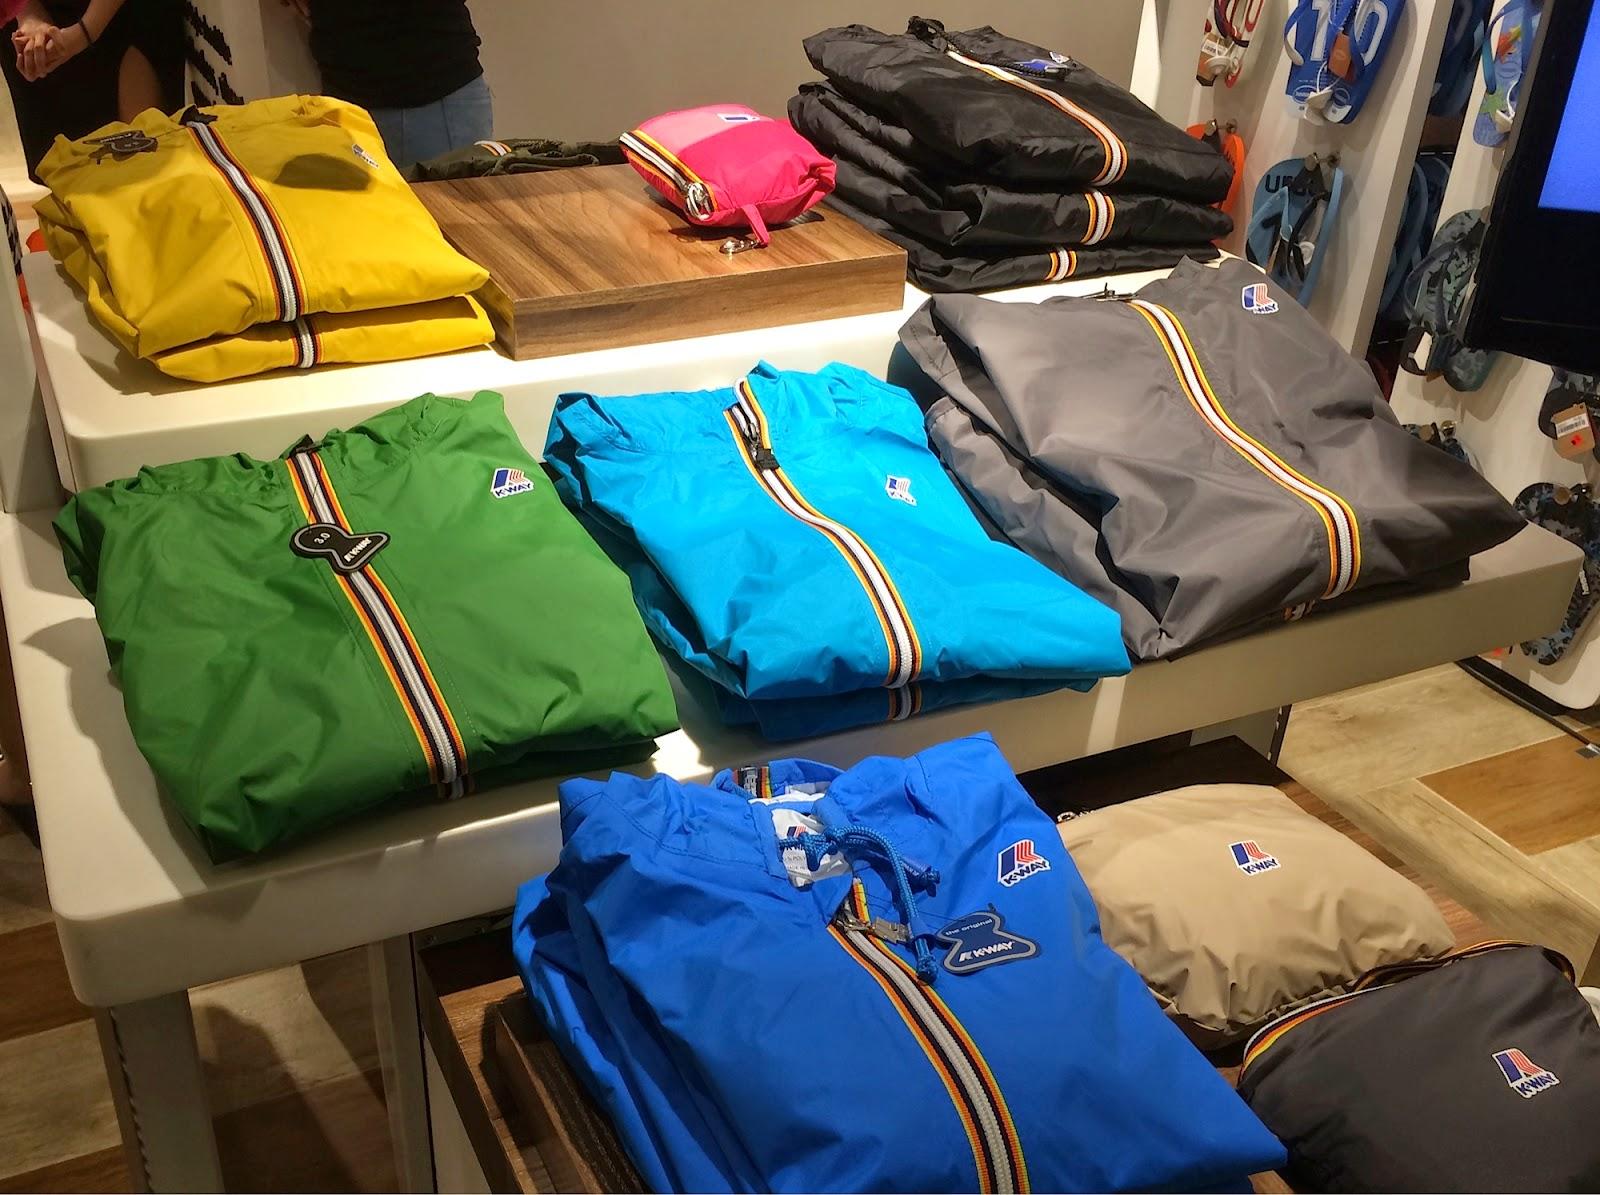 manila fashion observer: Rainy Days and K-Way